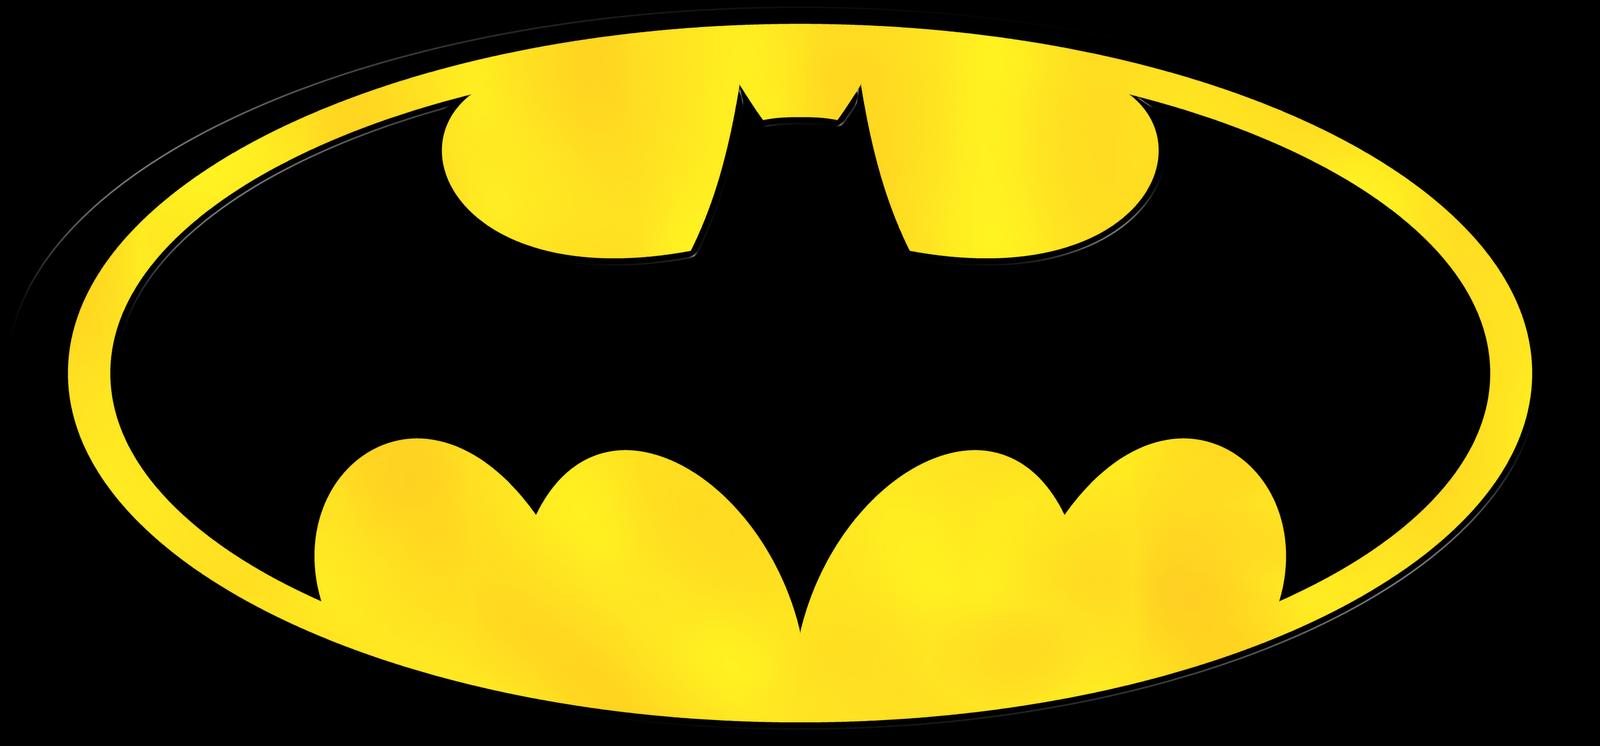 Batman i 39 m batman Batman symbol